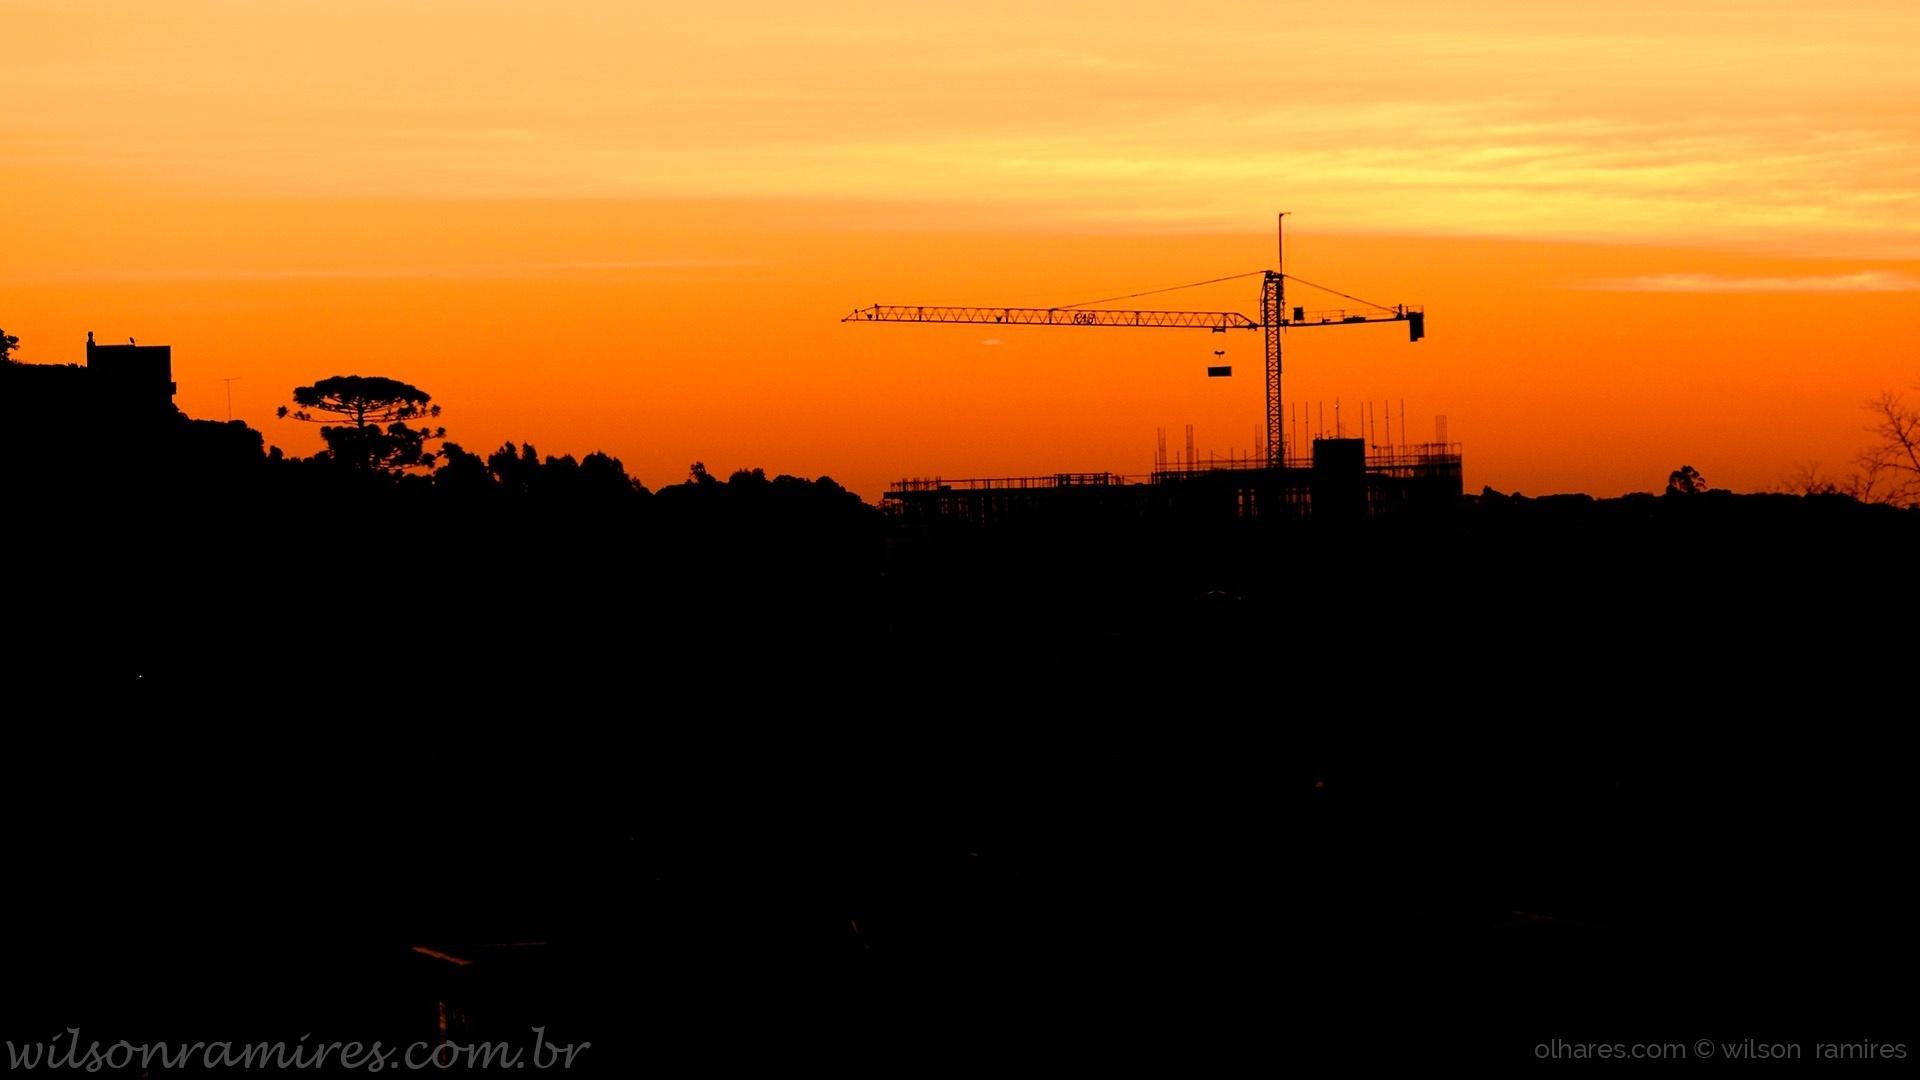 Paisagem Urbana/Construção Civil ao pôr do sol em Caxias do Sul